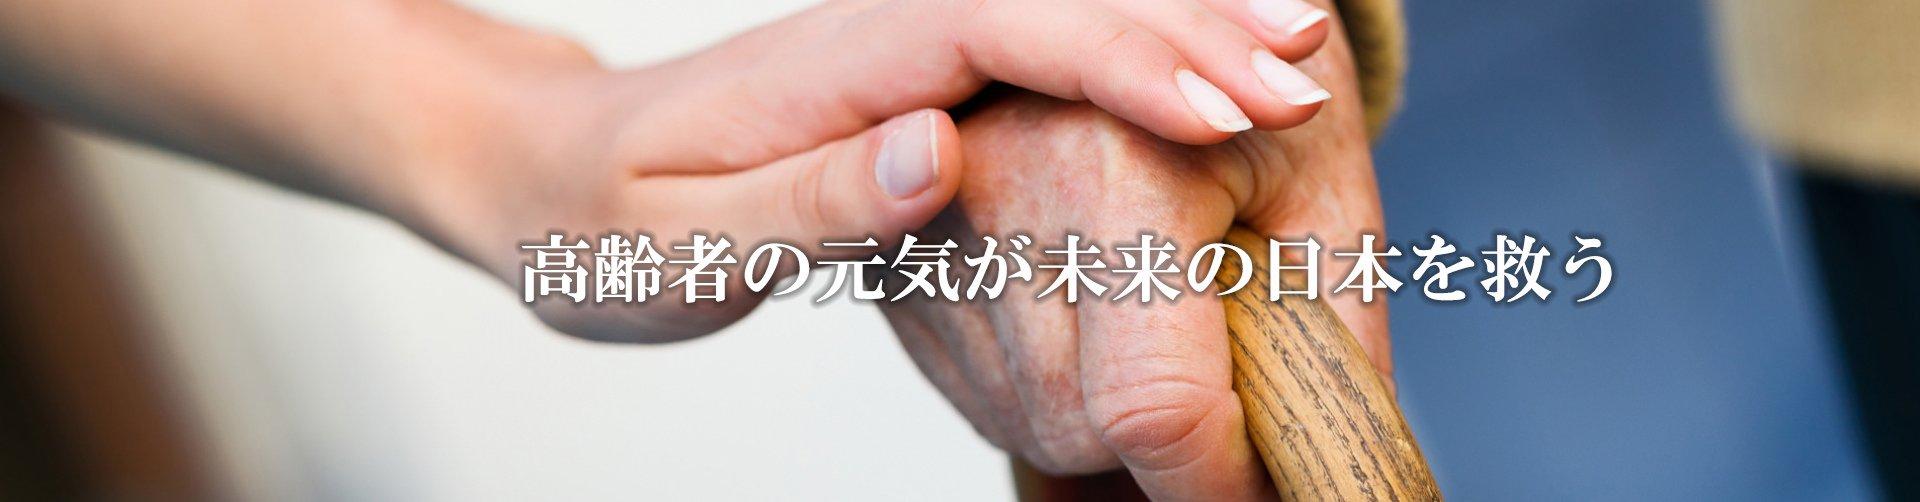 jmfi_top3.jpg